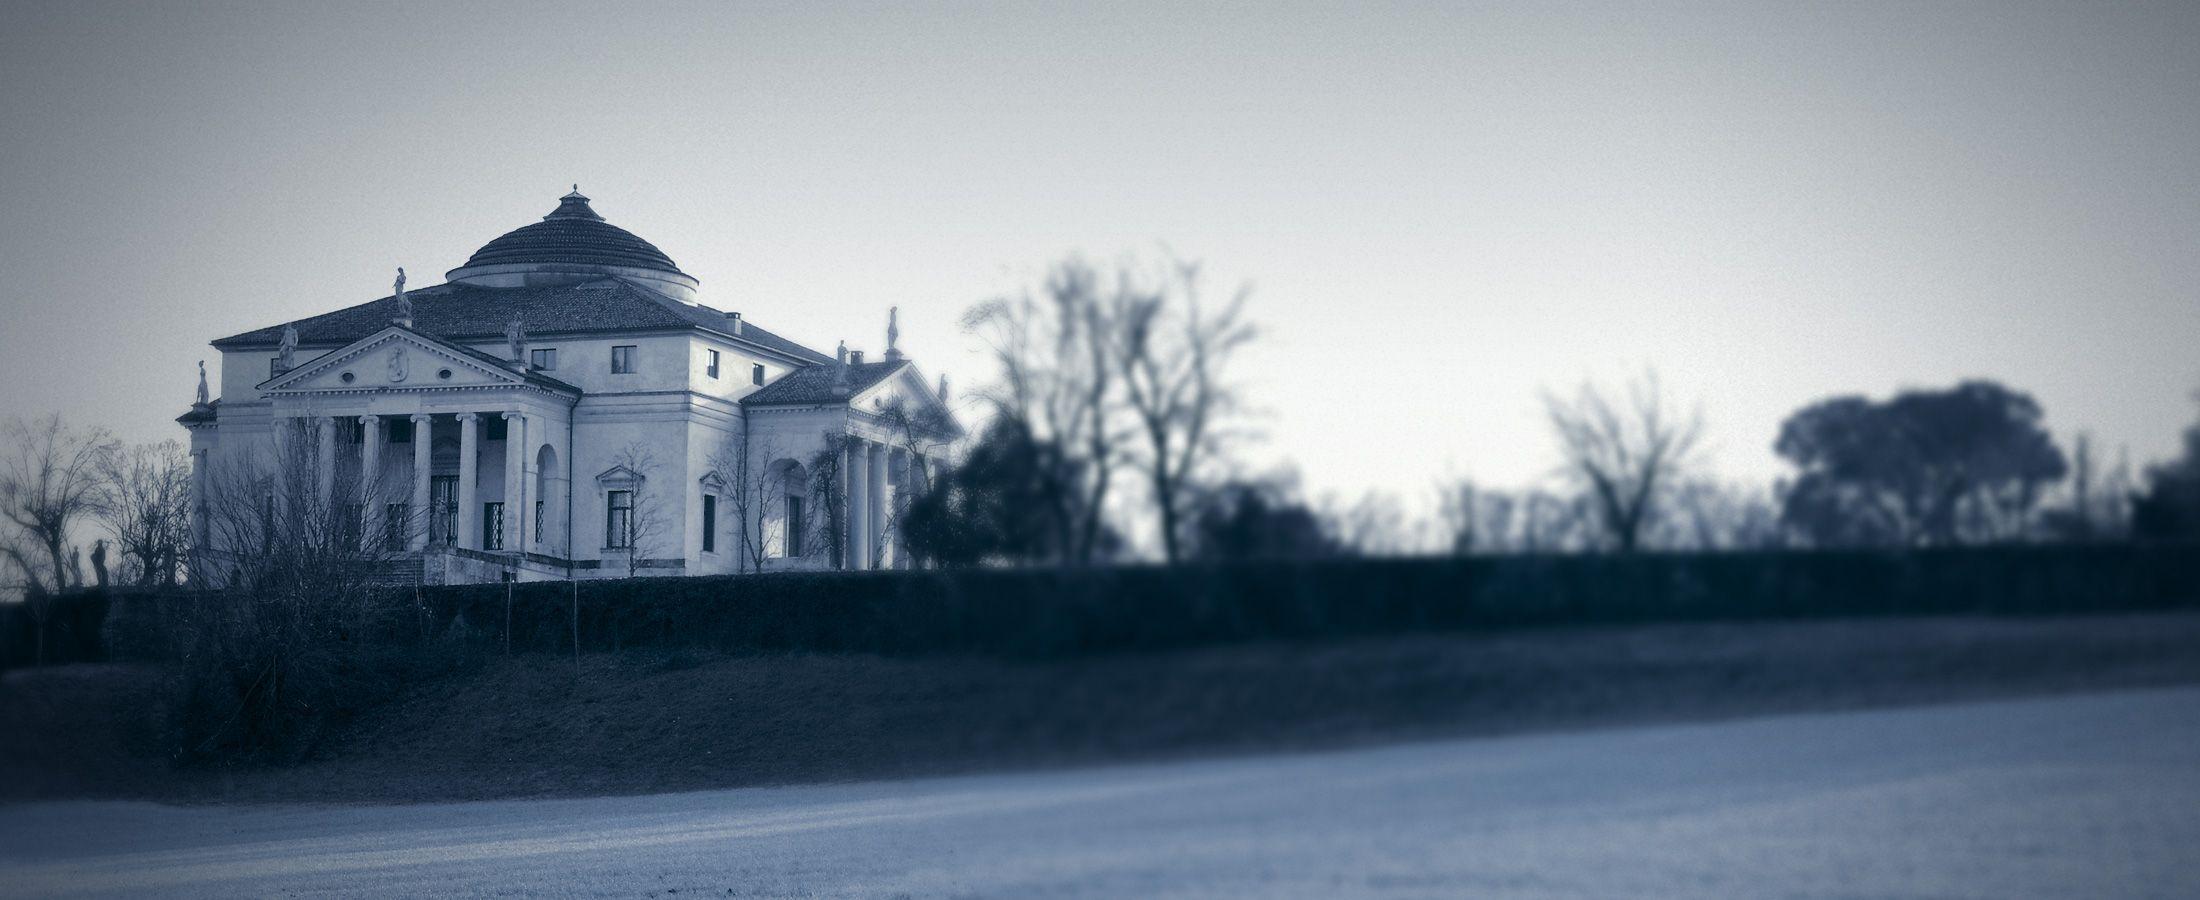 Villa Capra, La rotonda, Vicenza © LILIDESIGN 2011